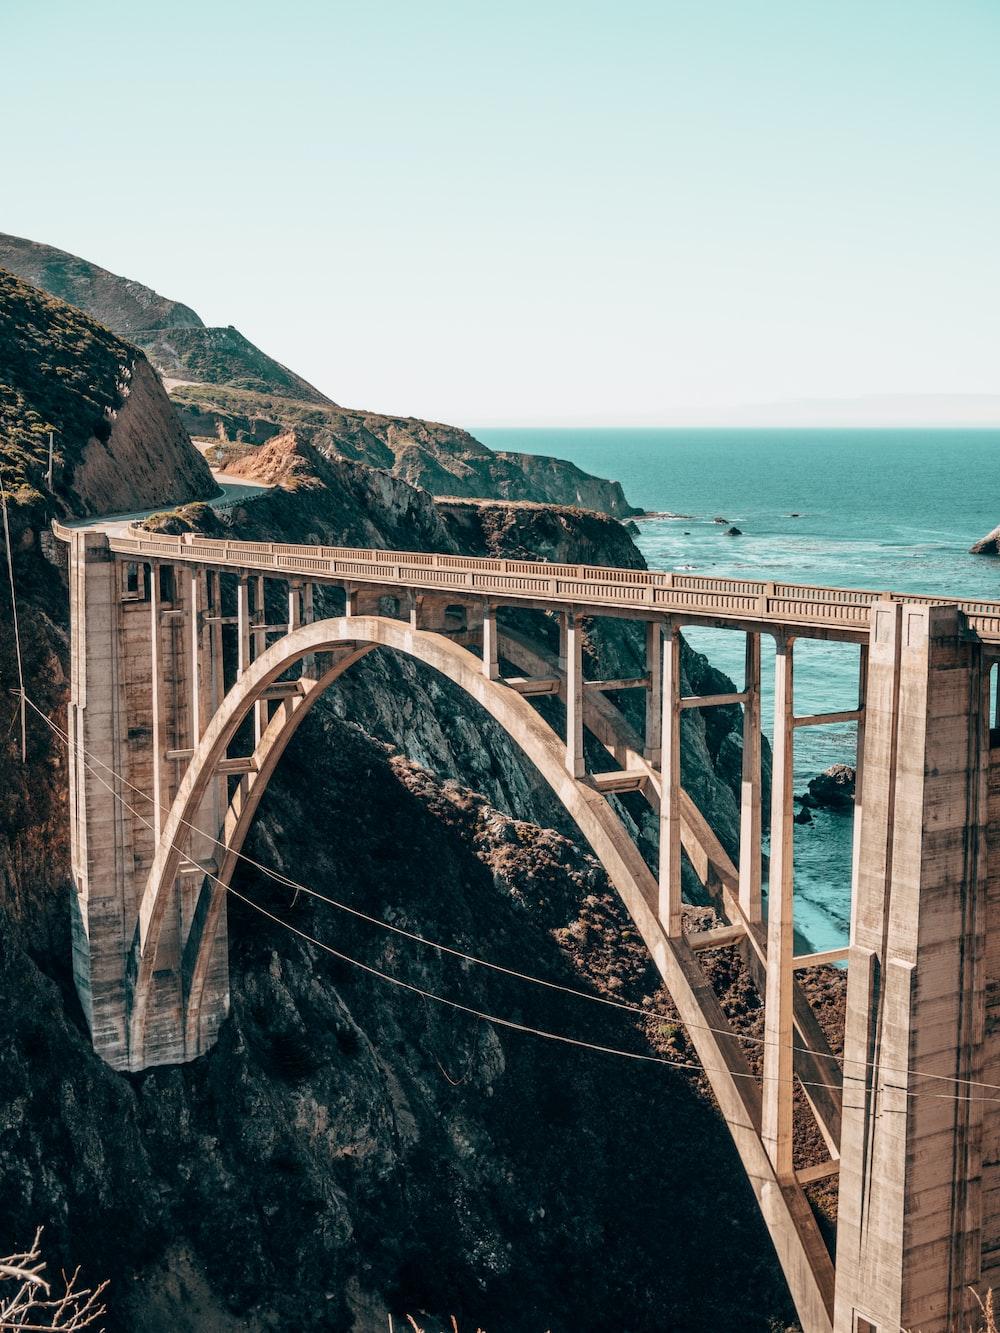 landscape photography of gray concrete bridge